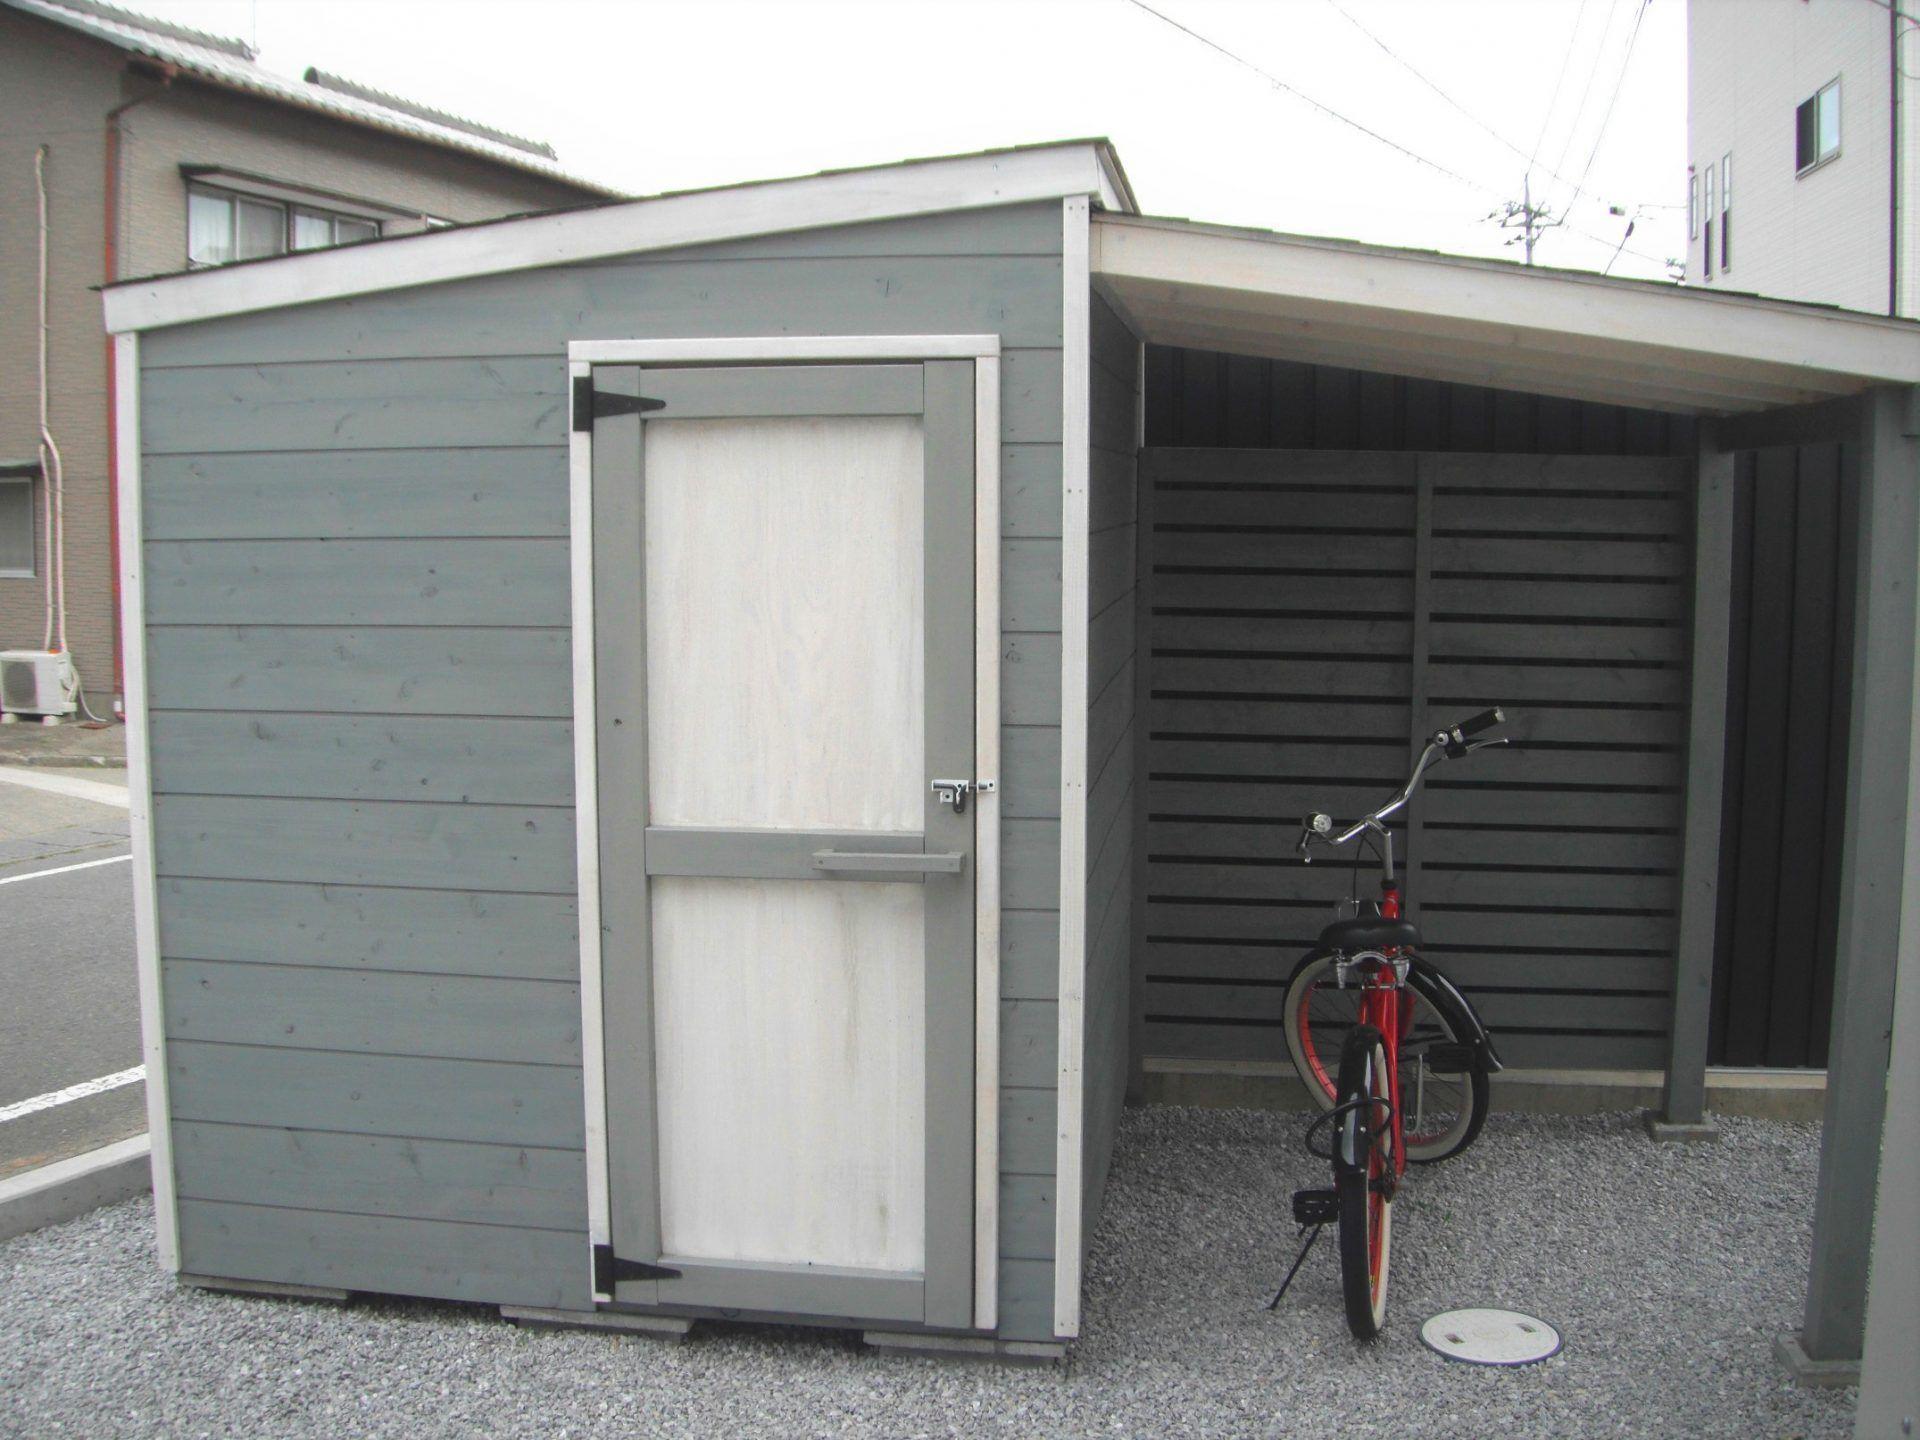 自転車 置き場 物置 自転車物置・収納庫の激安販売|物置・倉庫の通販なら環境生活